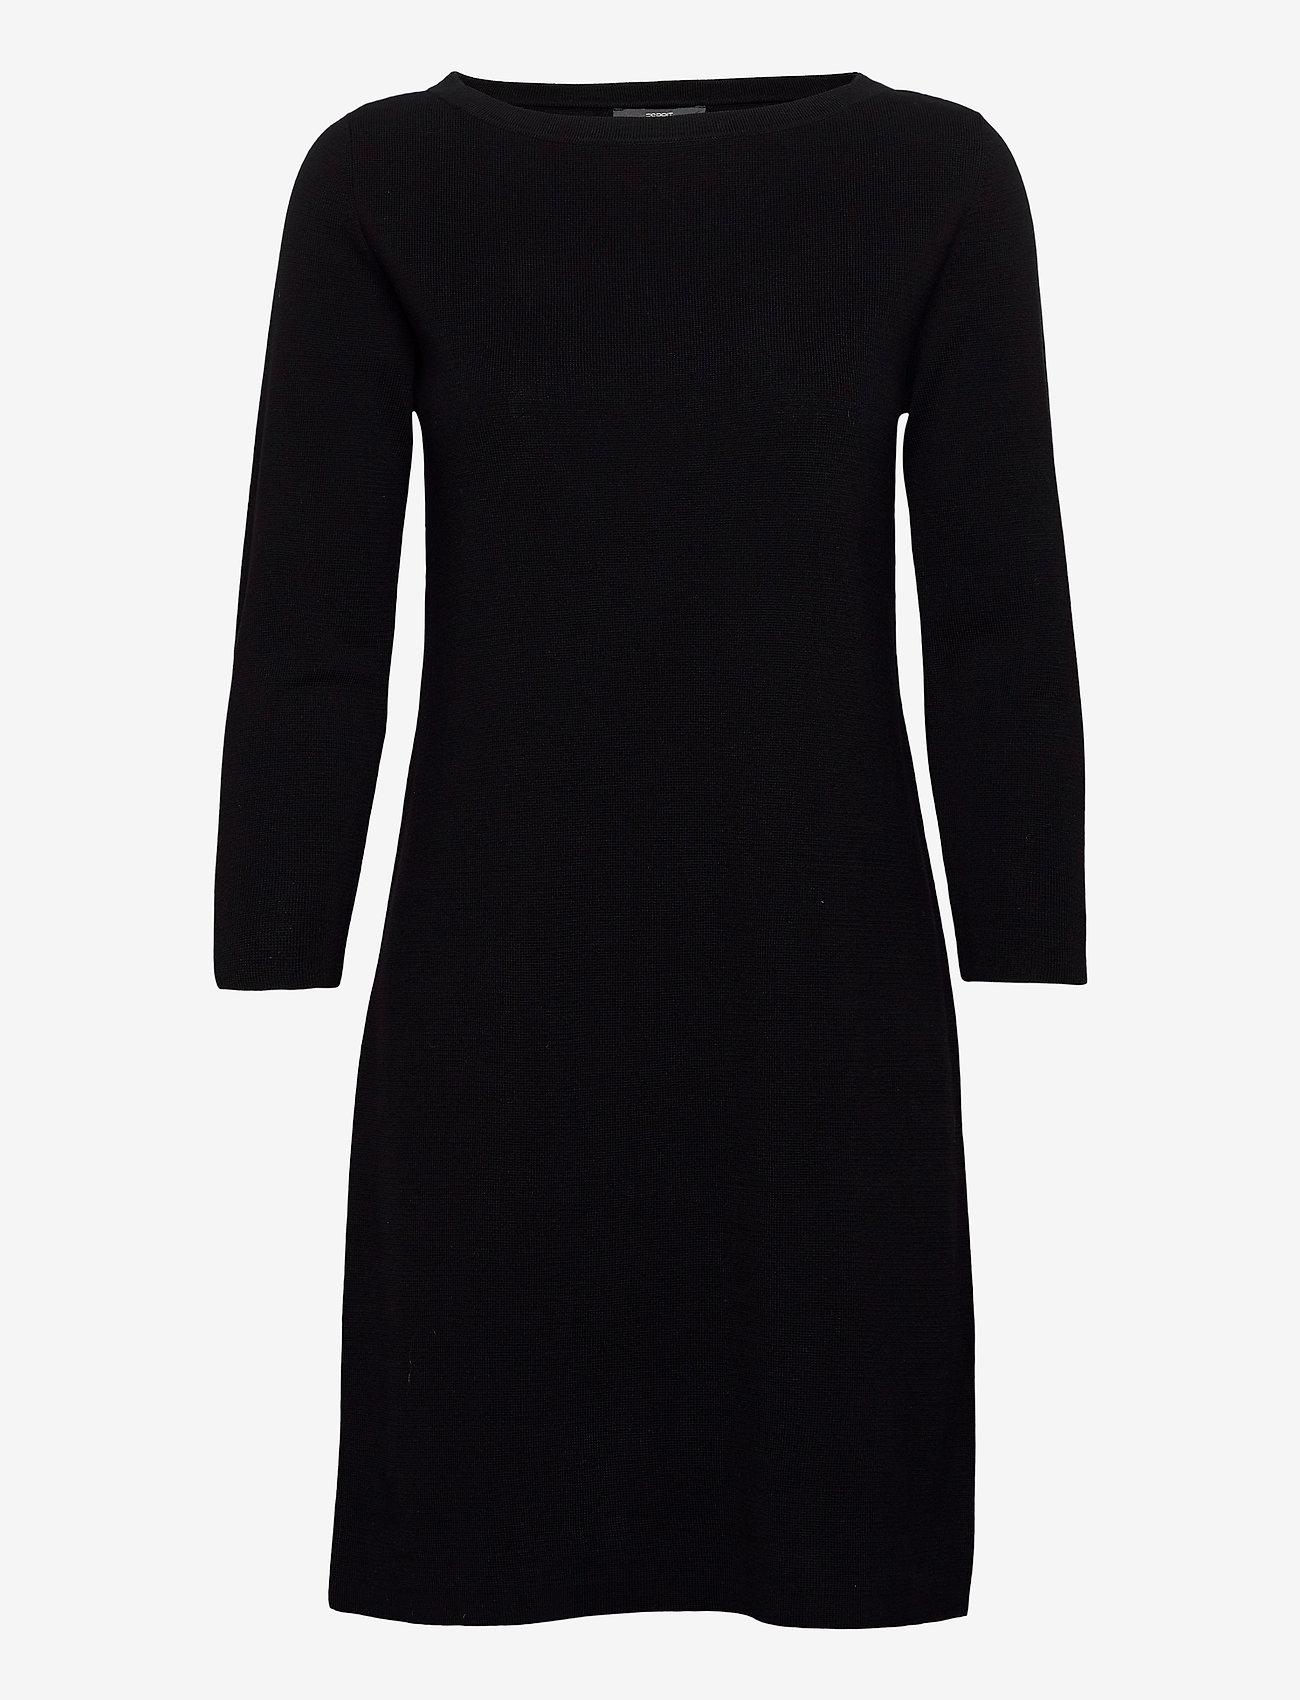 Esprit Collection - Dresses flat knitted - strikkjoler - black - 0